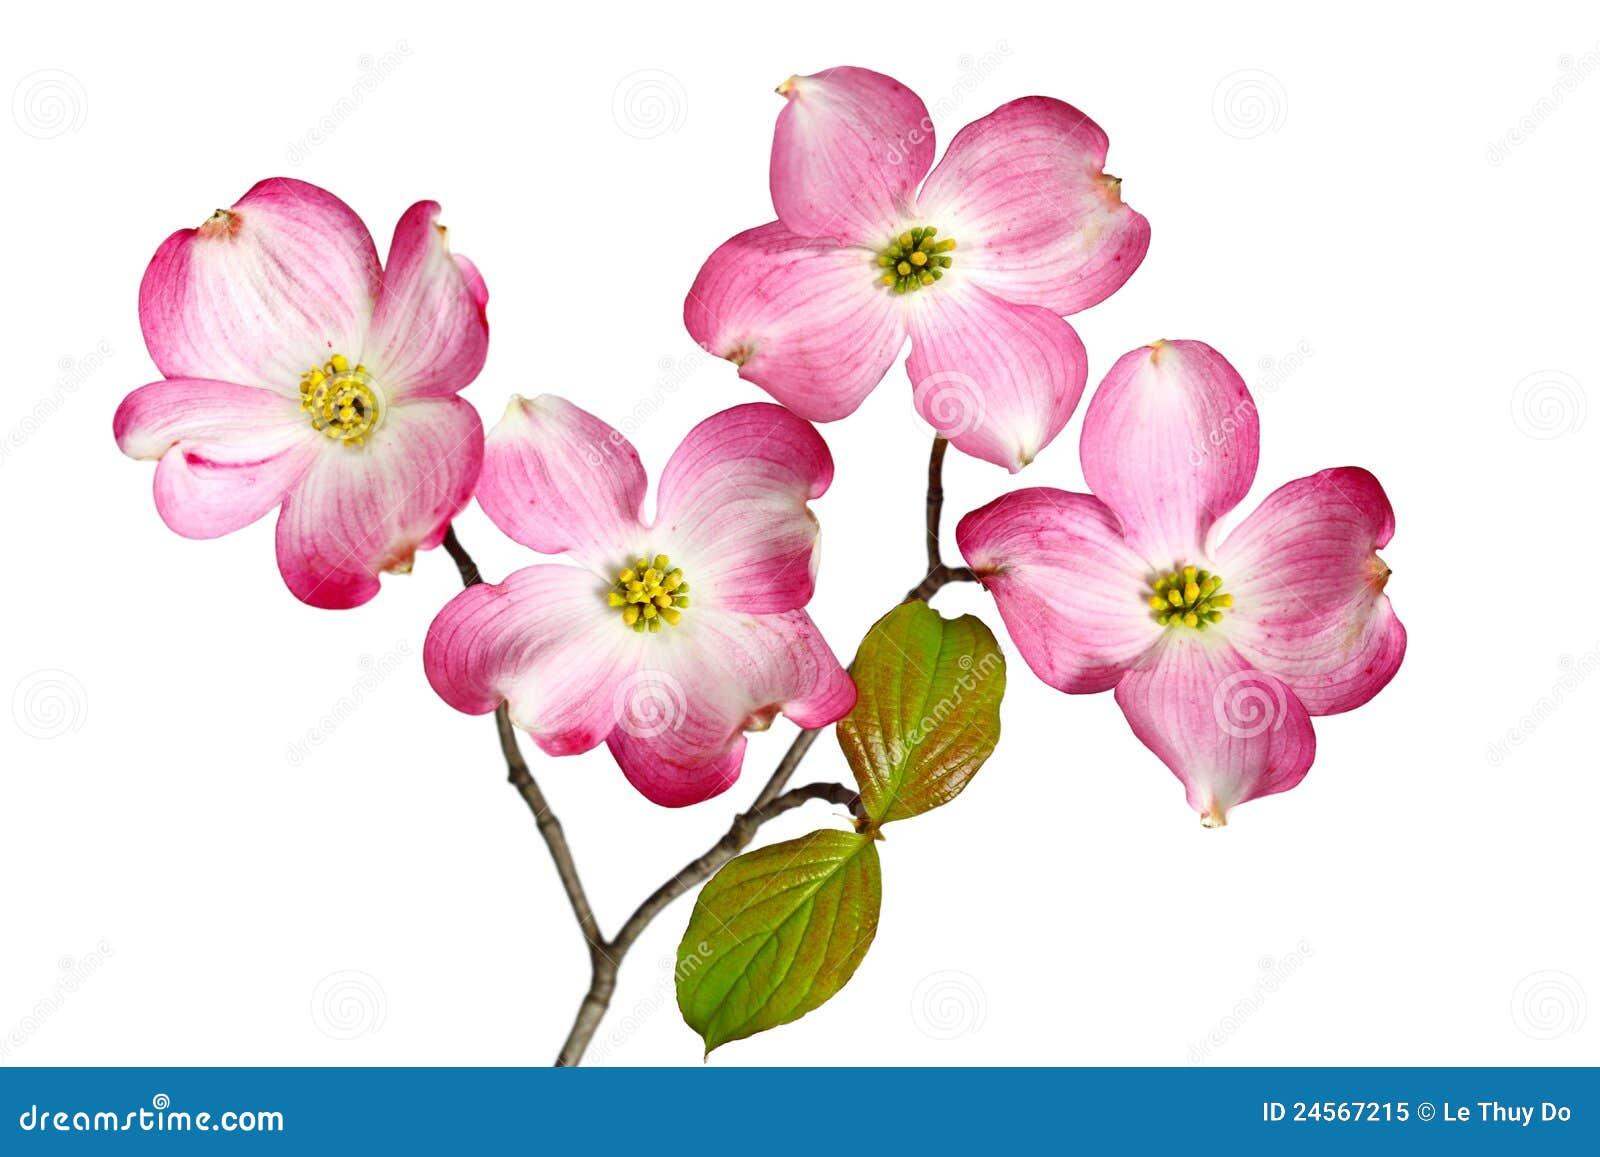 Red dogwood blossom stock image image of dogwood garden 24567215 red dogwood blossom flowers isolated on white background mightylinksfo